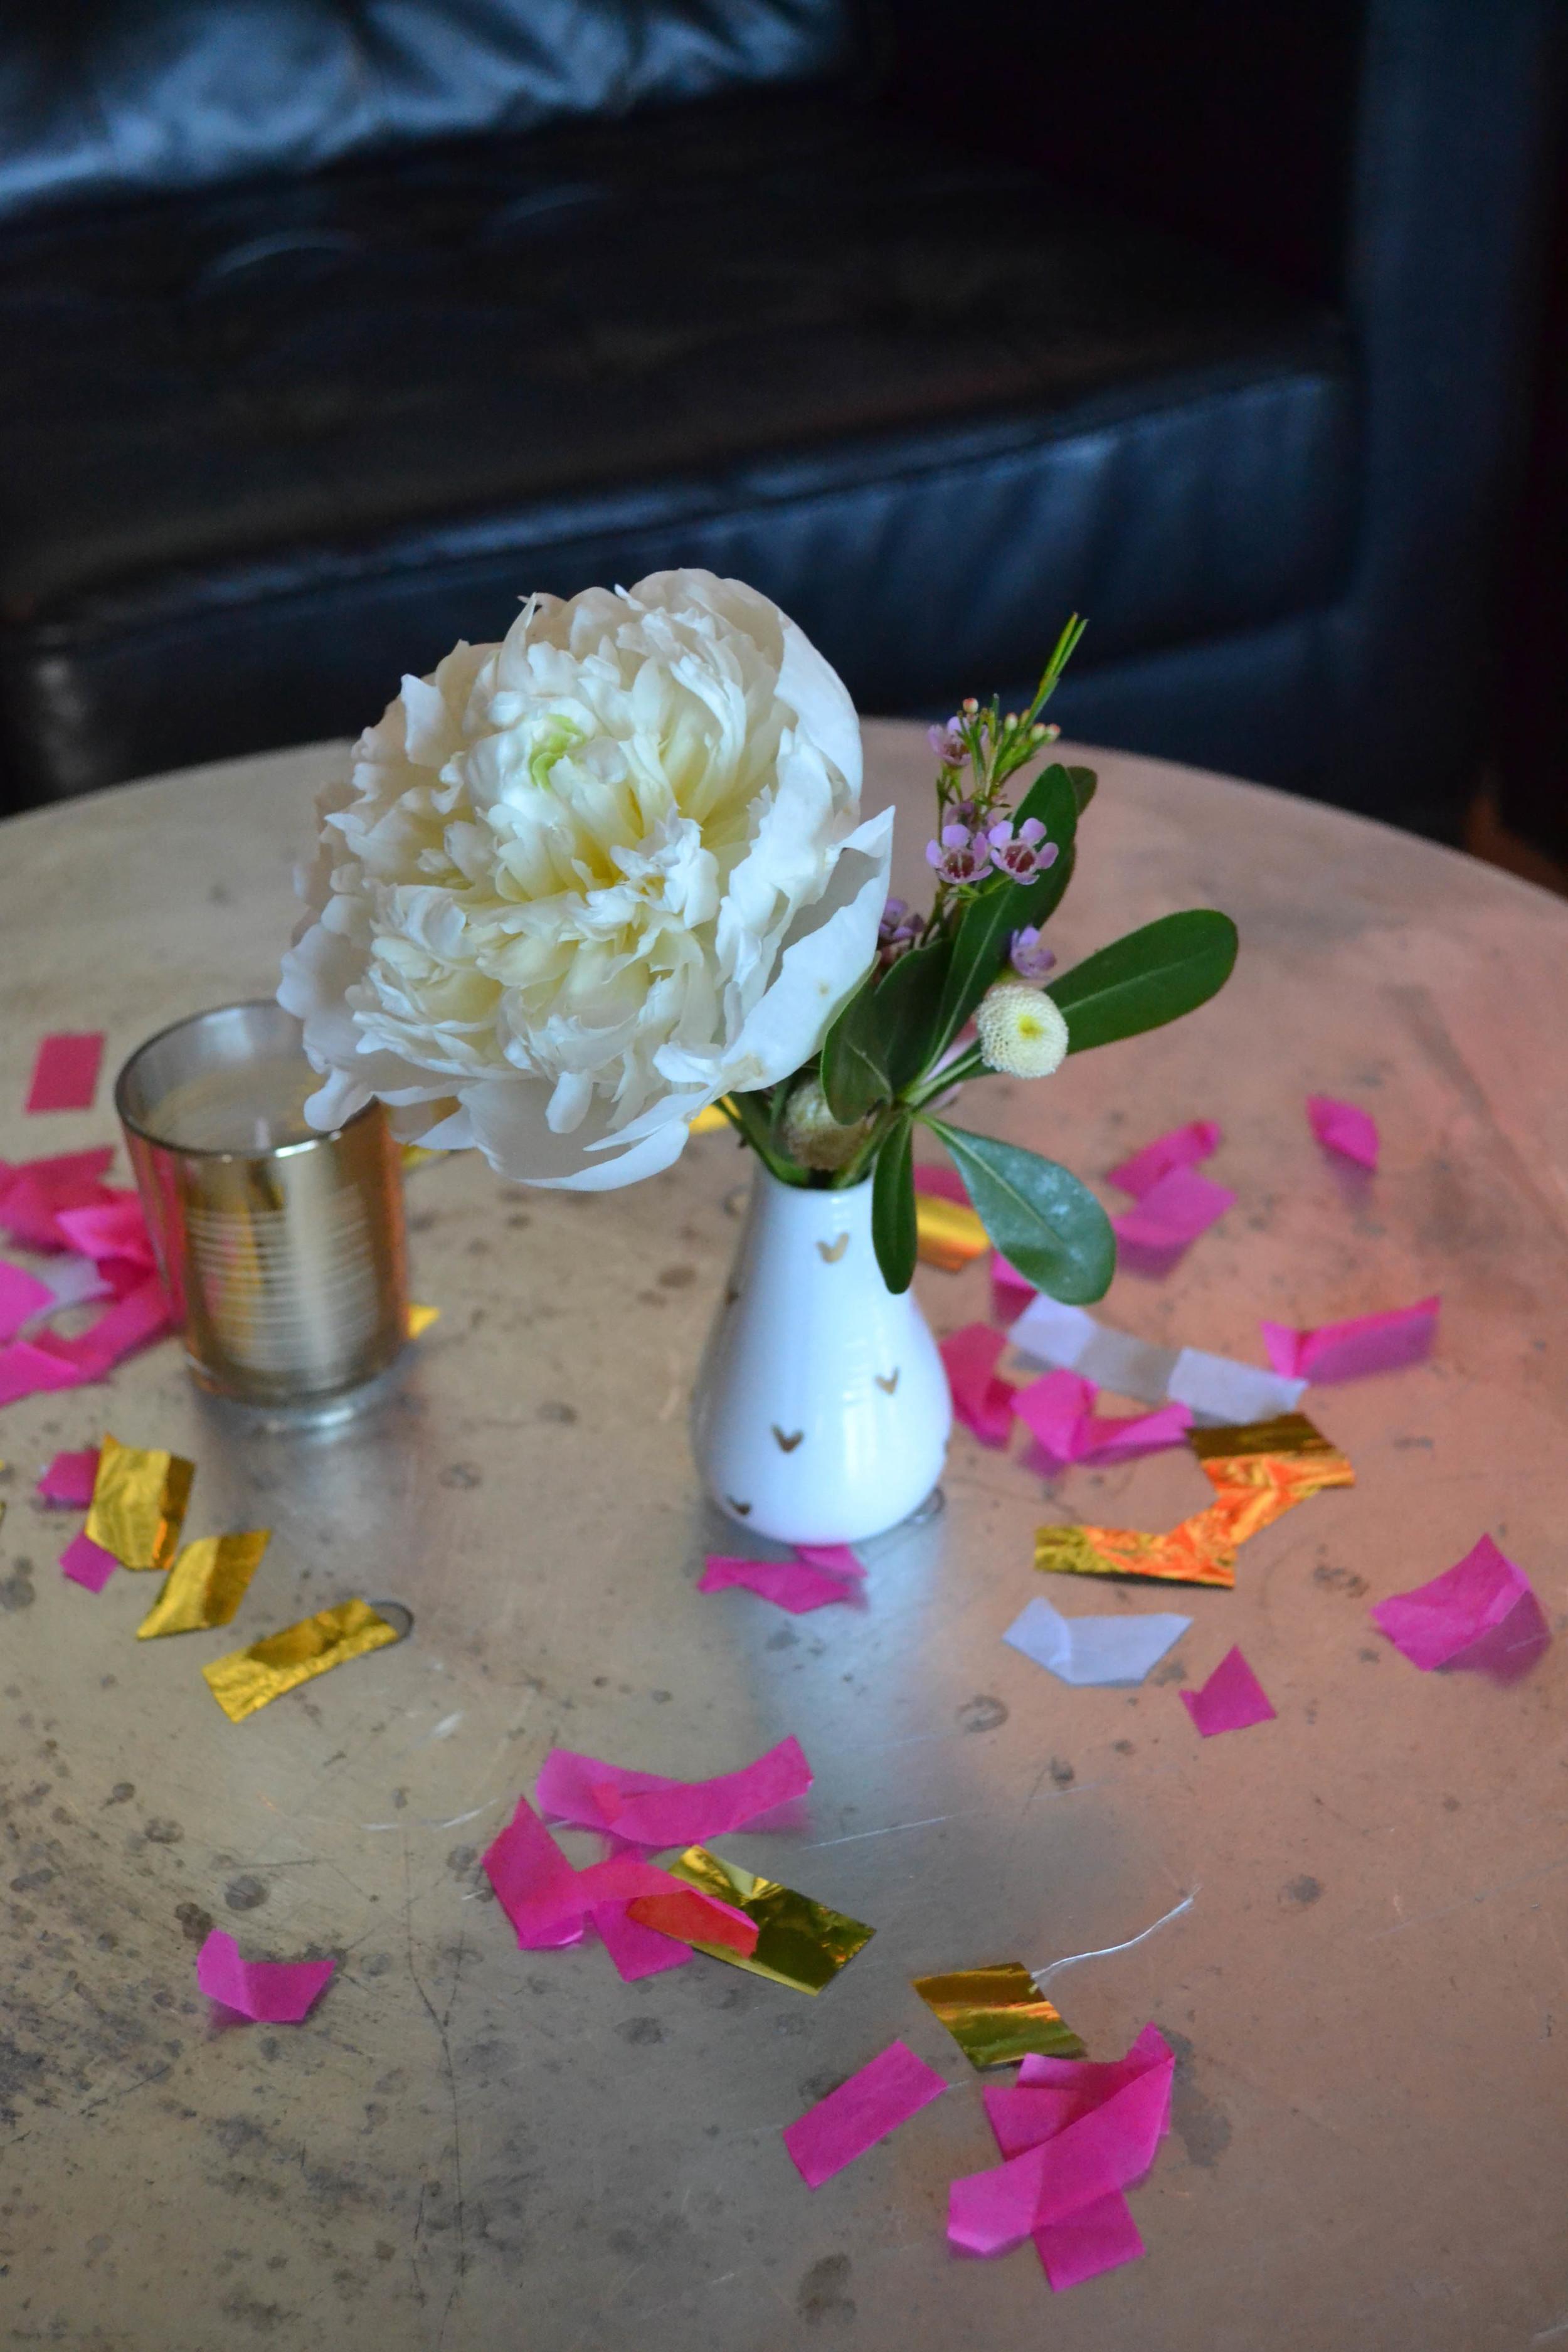 White bud vase arrangement in white ceramic vase.  Rosehip Social, Brooklyn, NY.